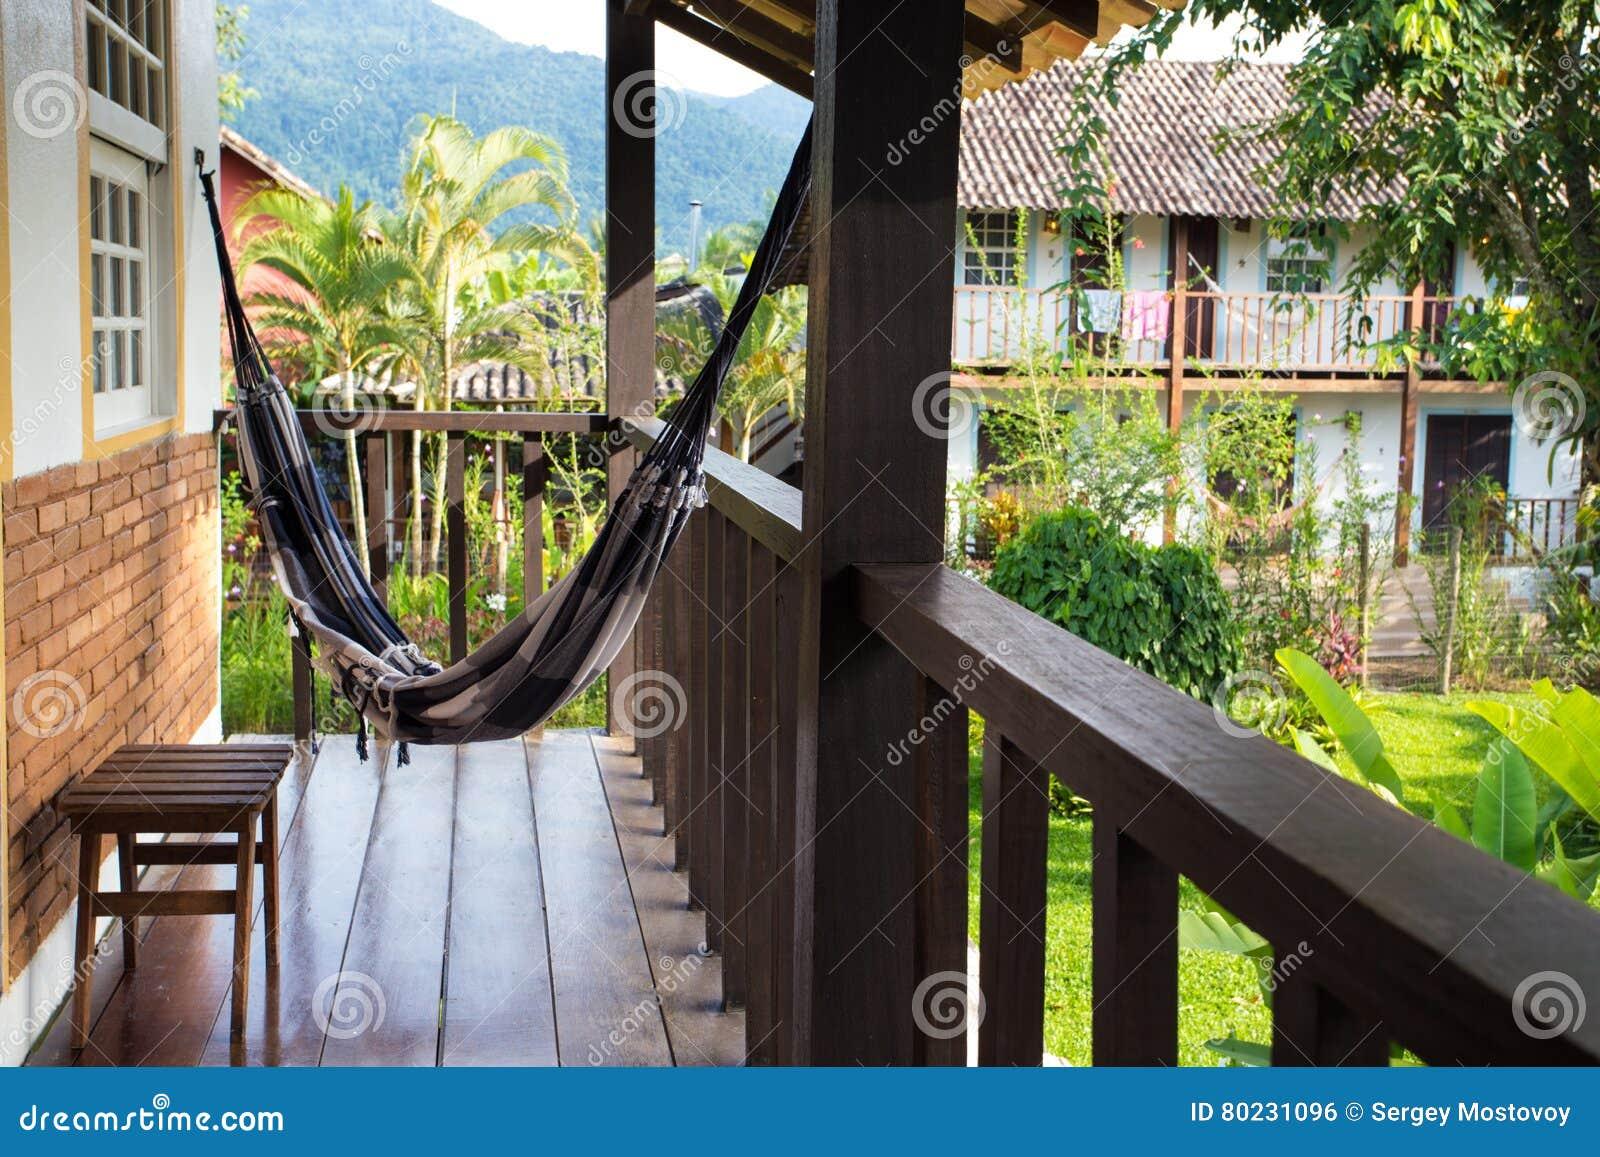 Hangmat Op Balkon : Hangmat op een balkon stock foto afbeelding bestaande uit blauw